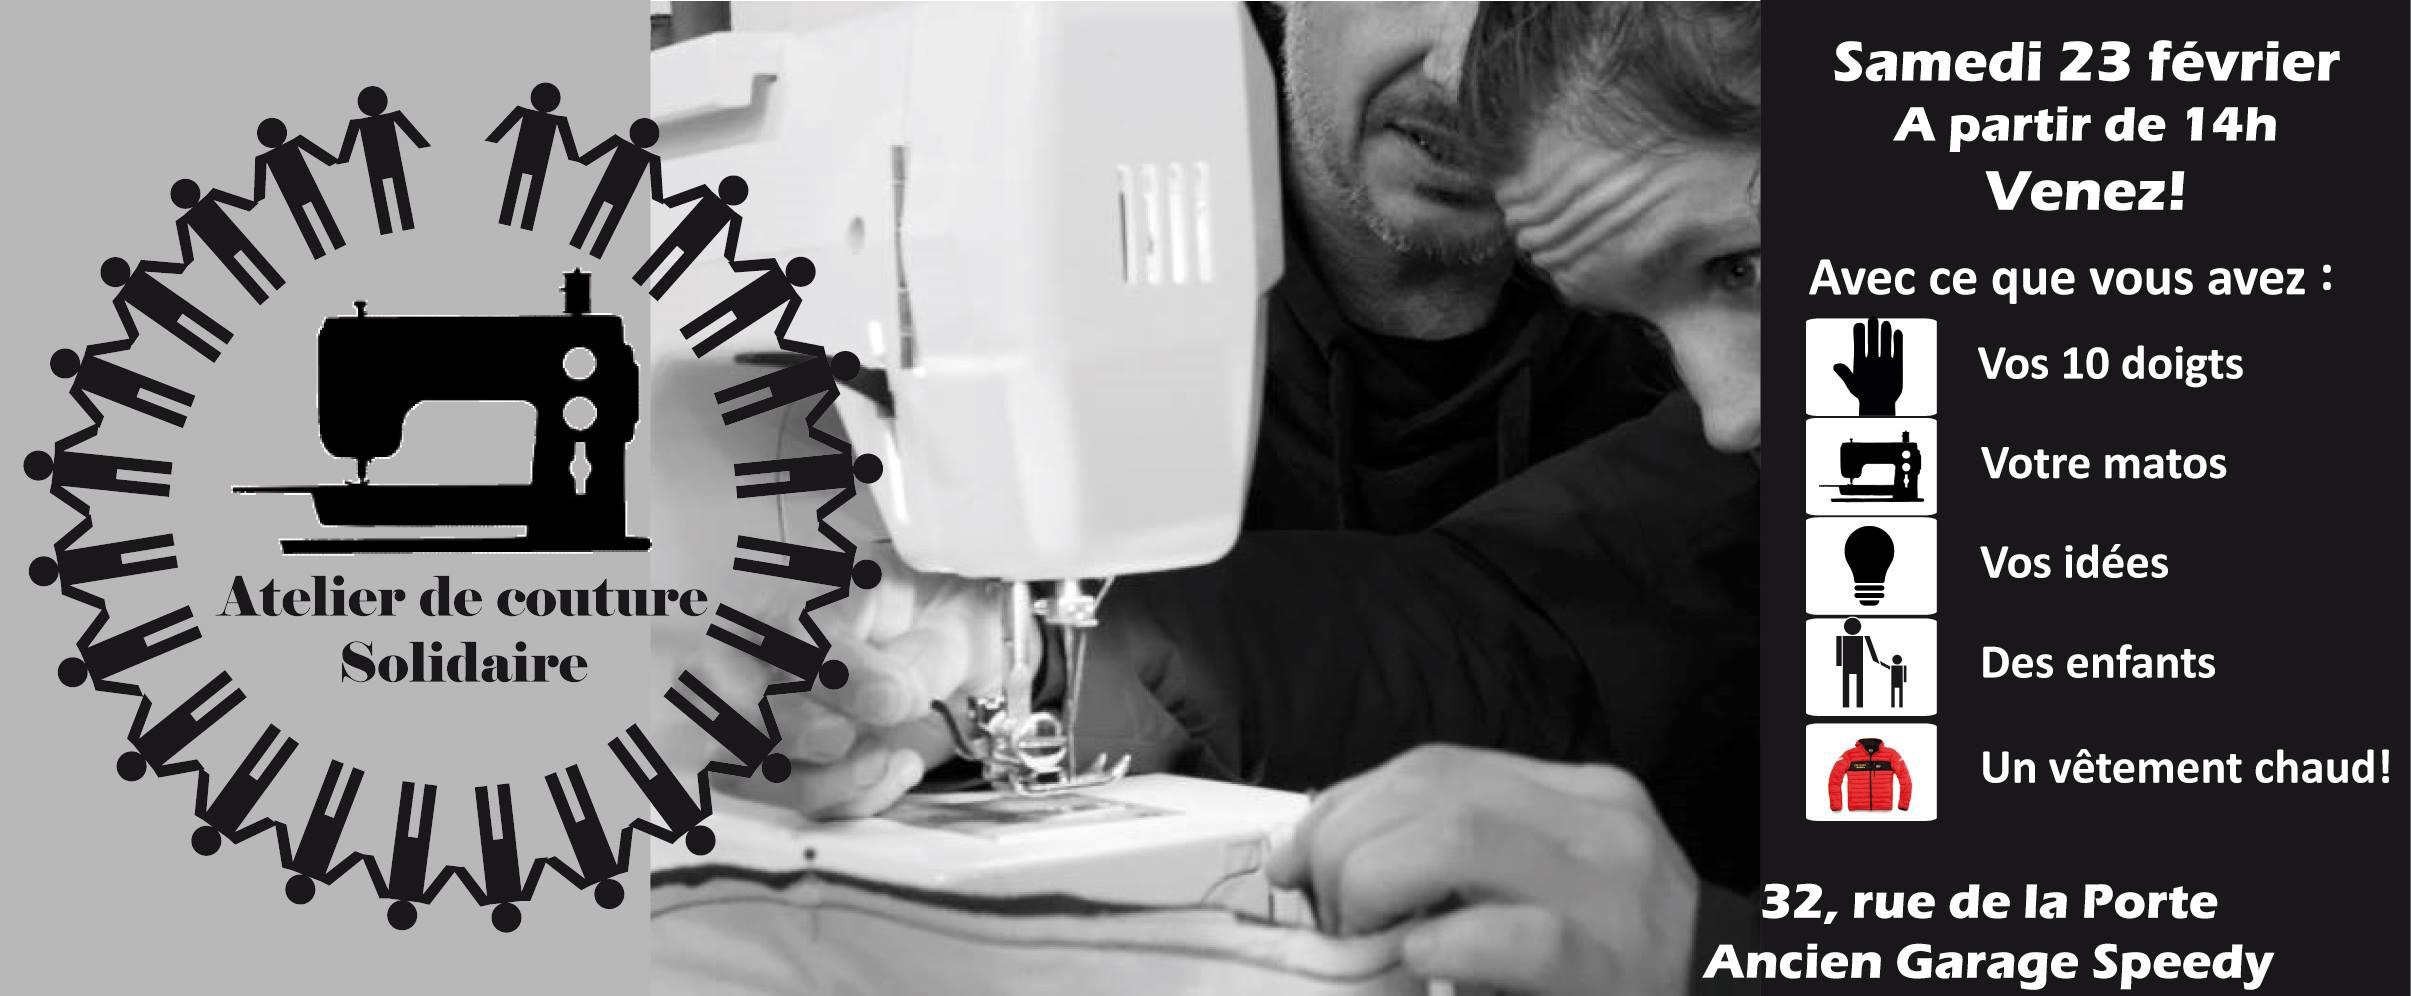 Brest, Atelier de couture solidaire